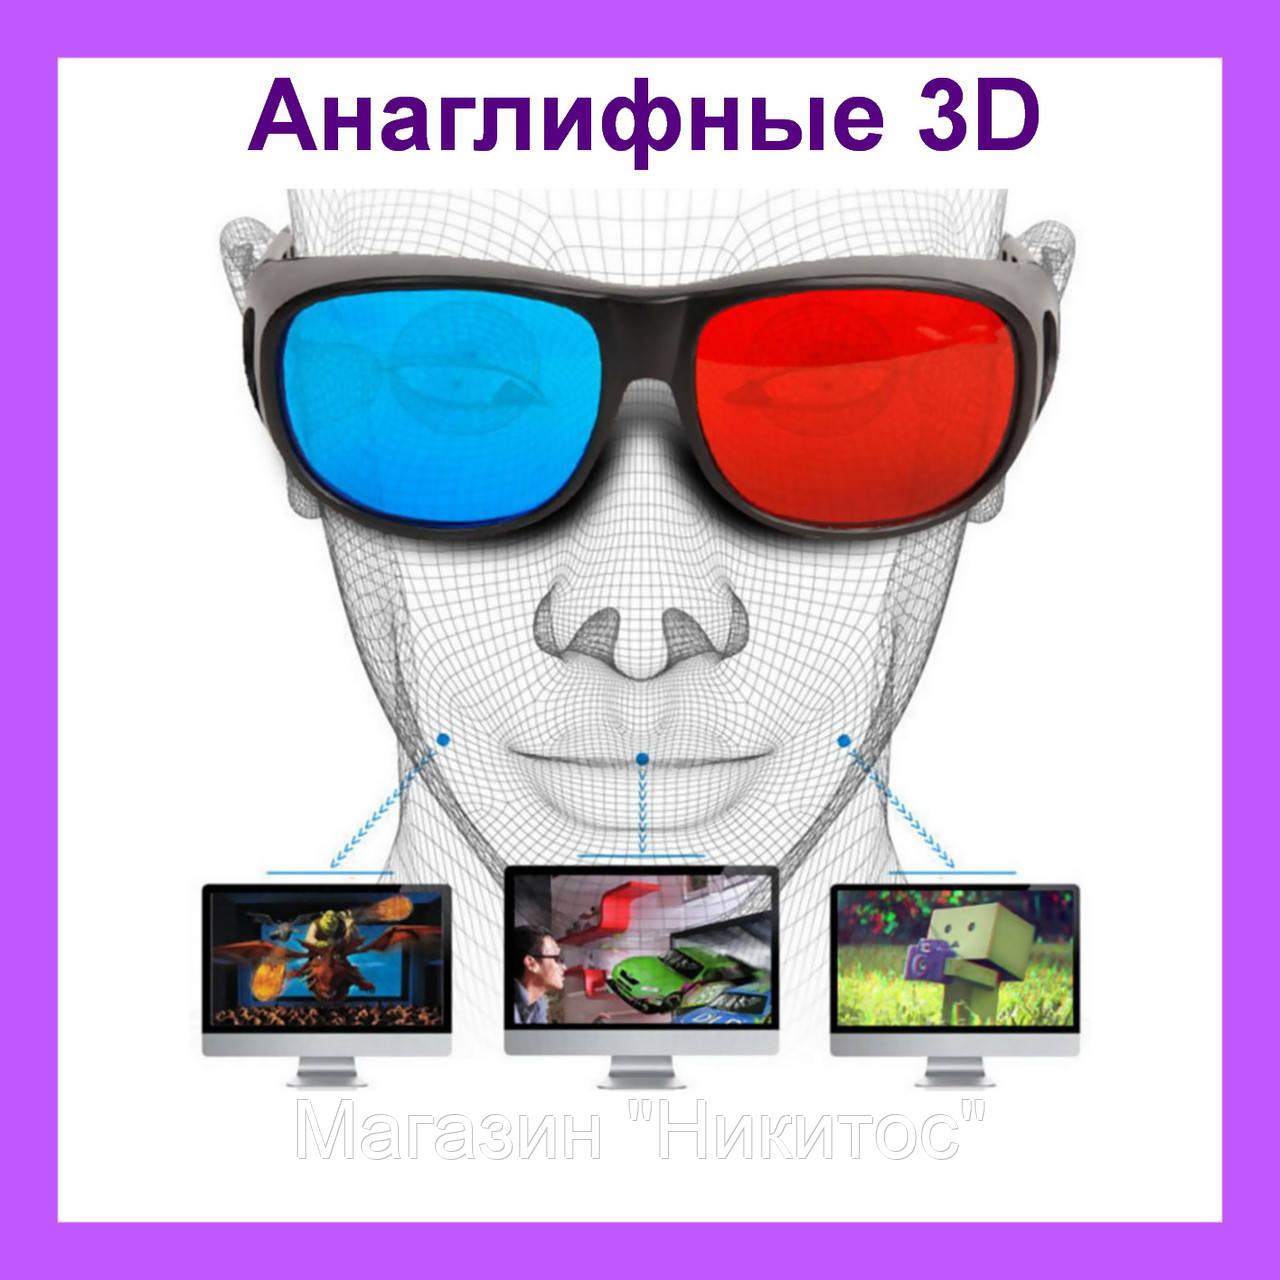 Анаглифные 3D очки  продажа 2ec2149cc07f8